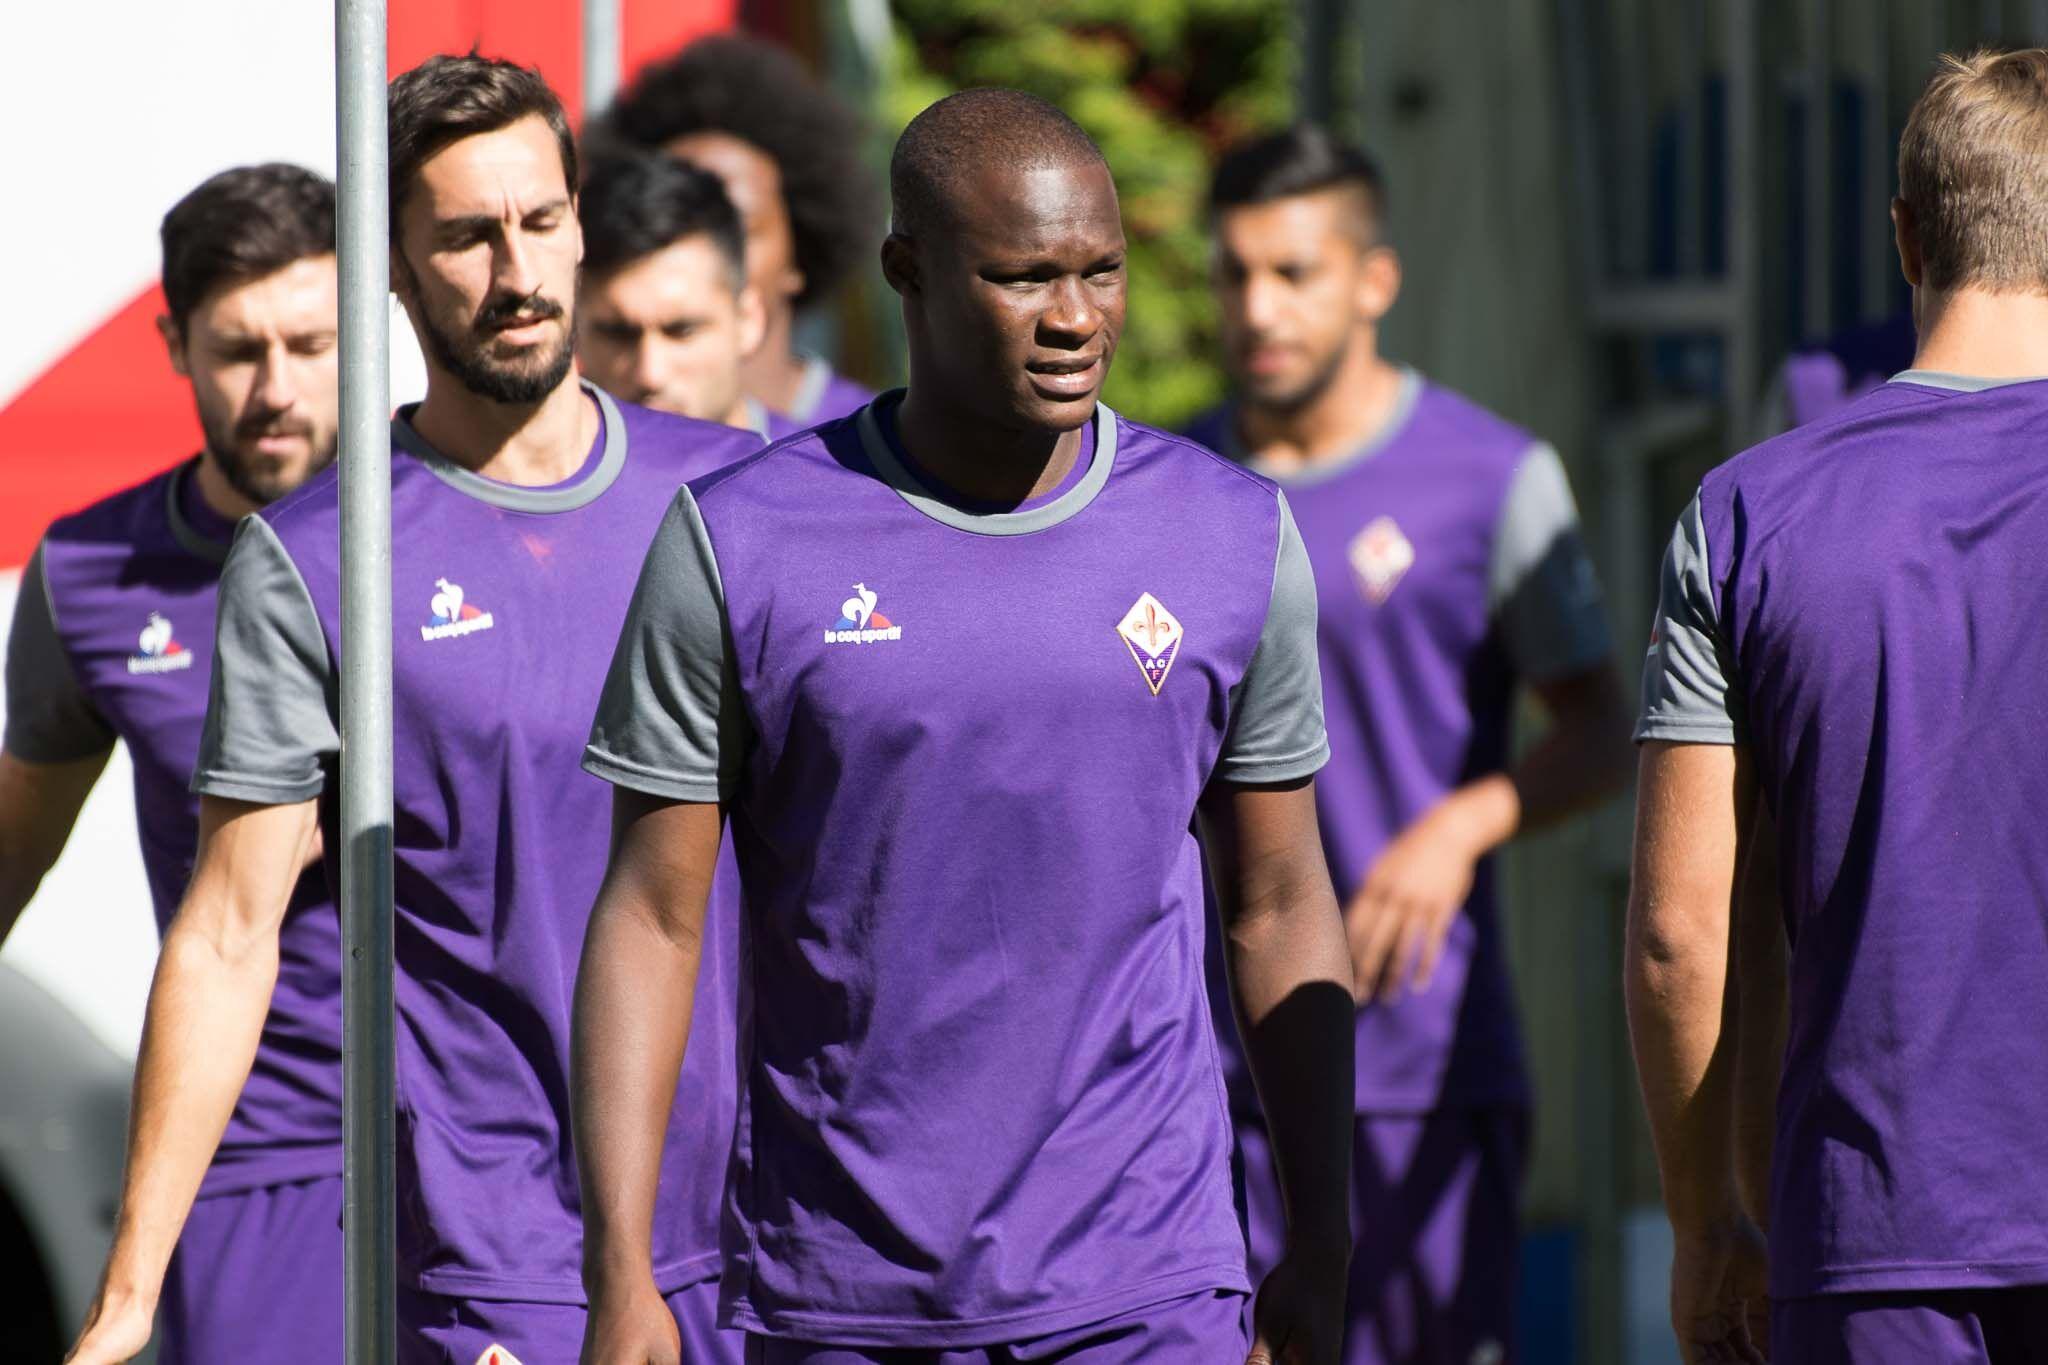 Corriere dello Sport, Babacar rifiuta la cessione e resta a Firenze per poi liberarsi a parametro zero a fine contratto